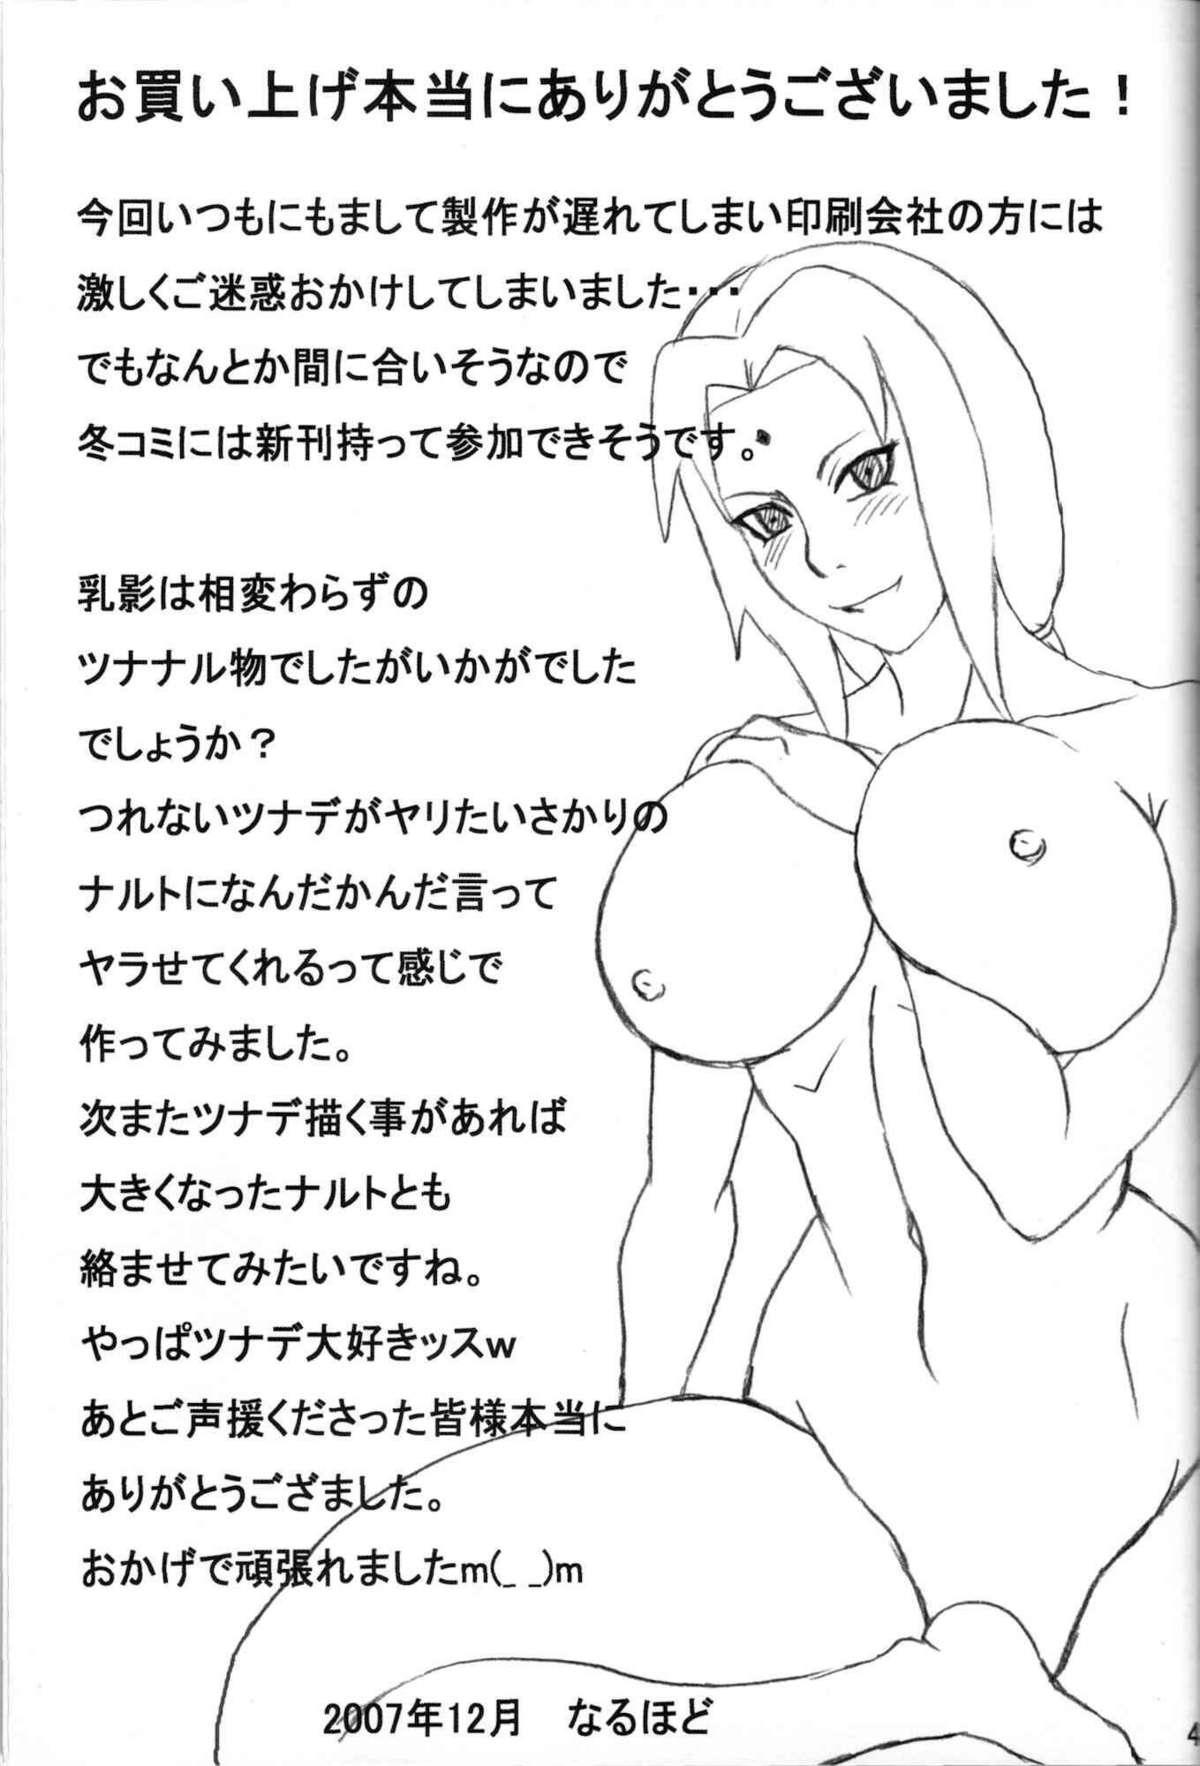 Kyonyuu no Ninja Chichikage | Chichikage Huge Breasted Ninja 43